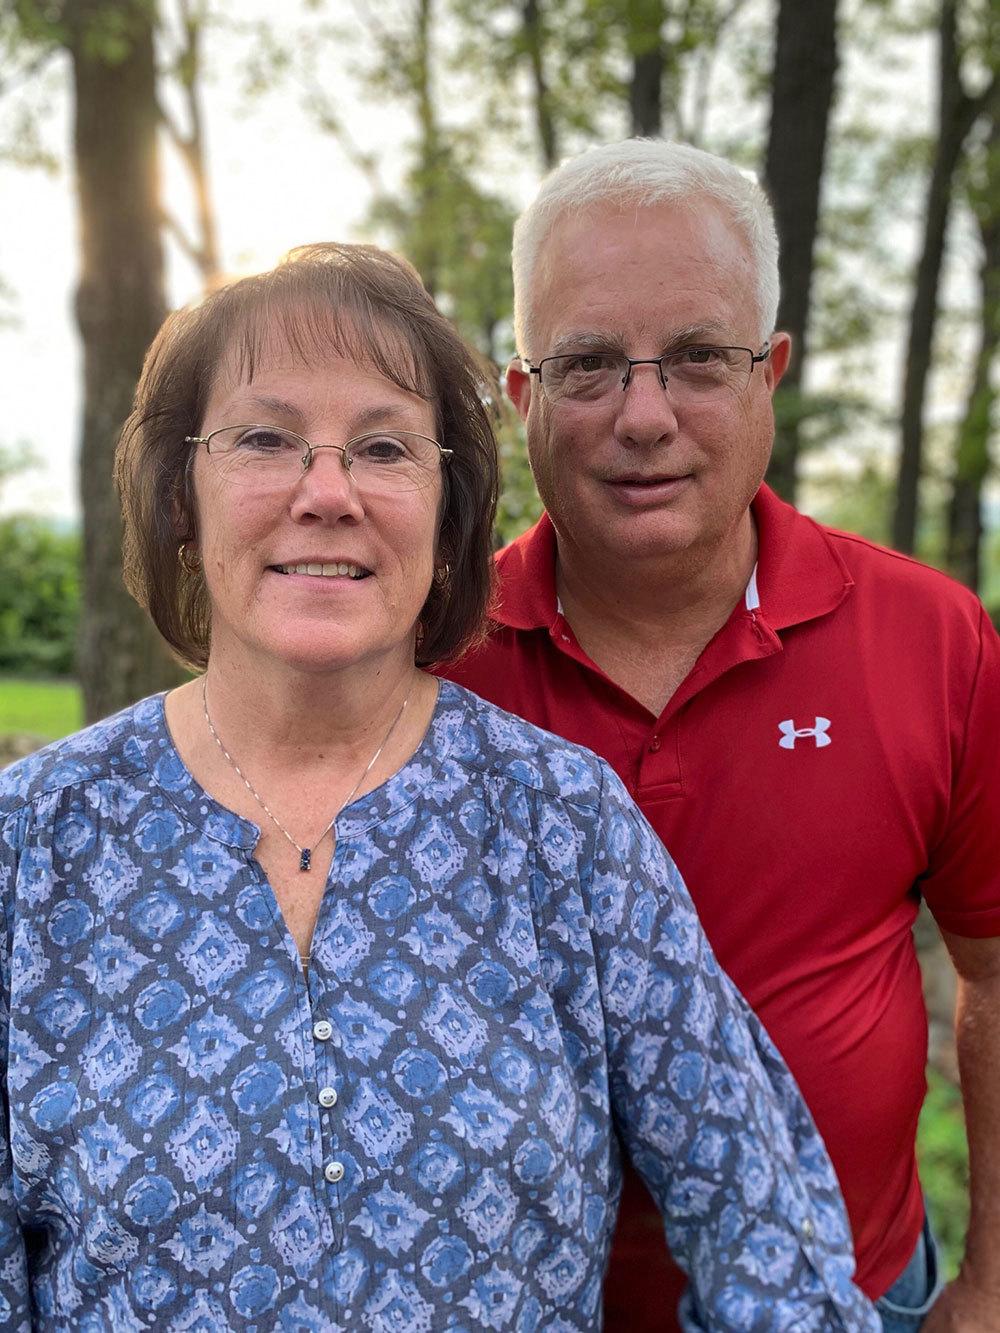 Rick and Sharon Landsman